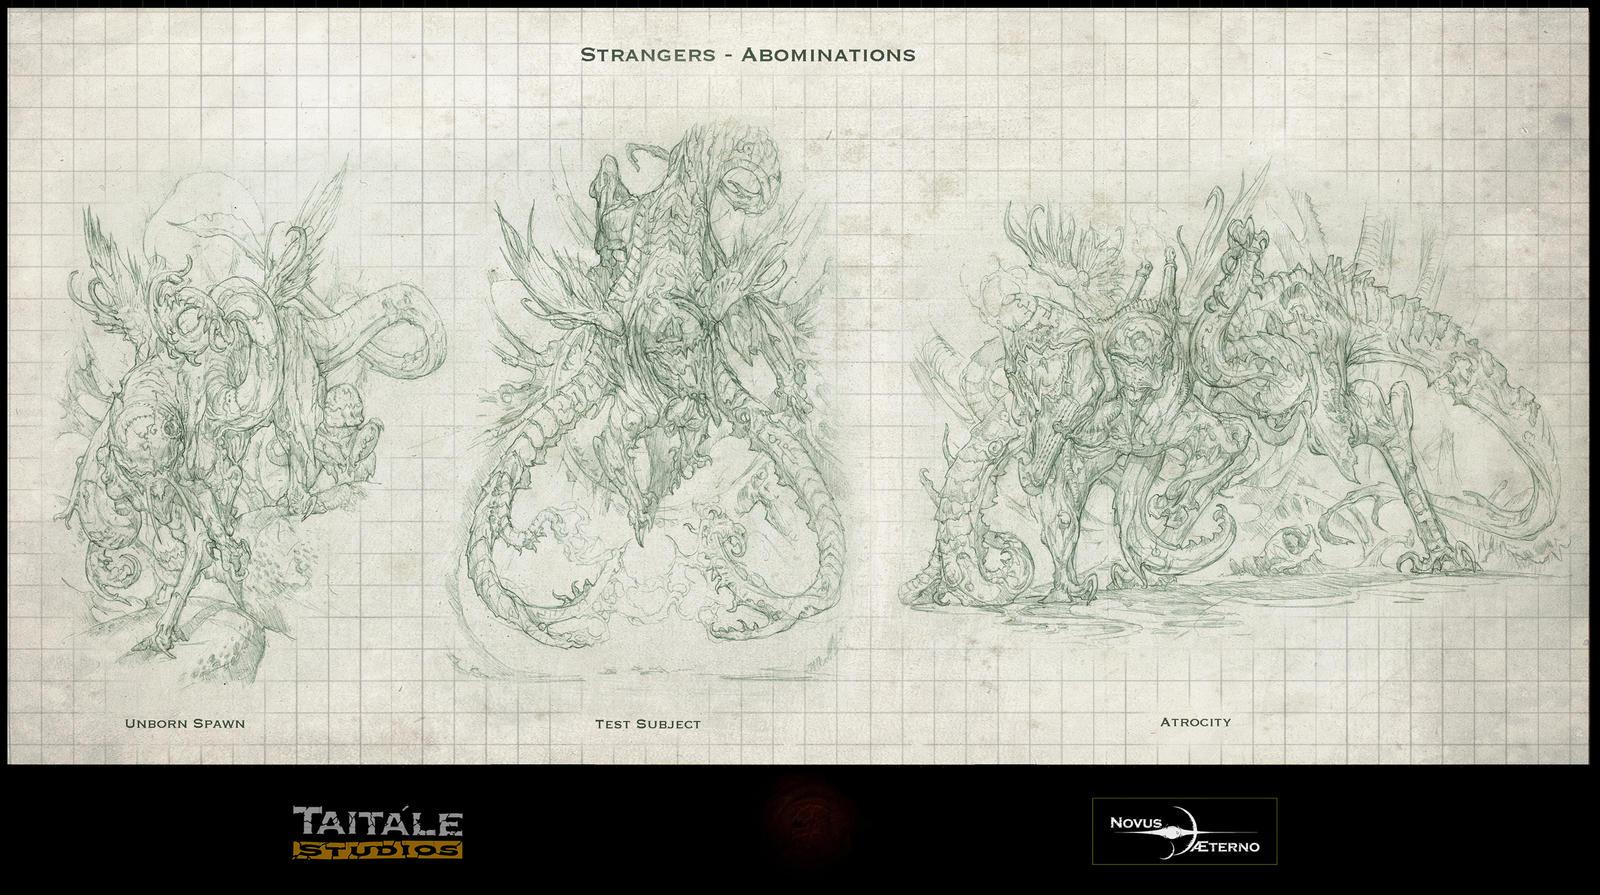 Stranger Abominations by Rodrigo-Vega